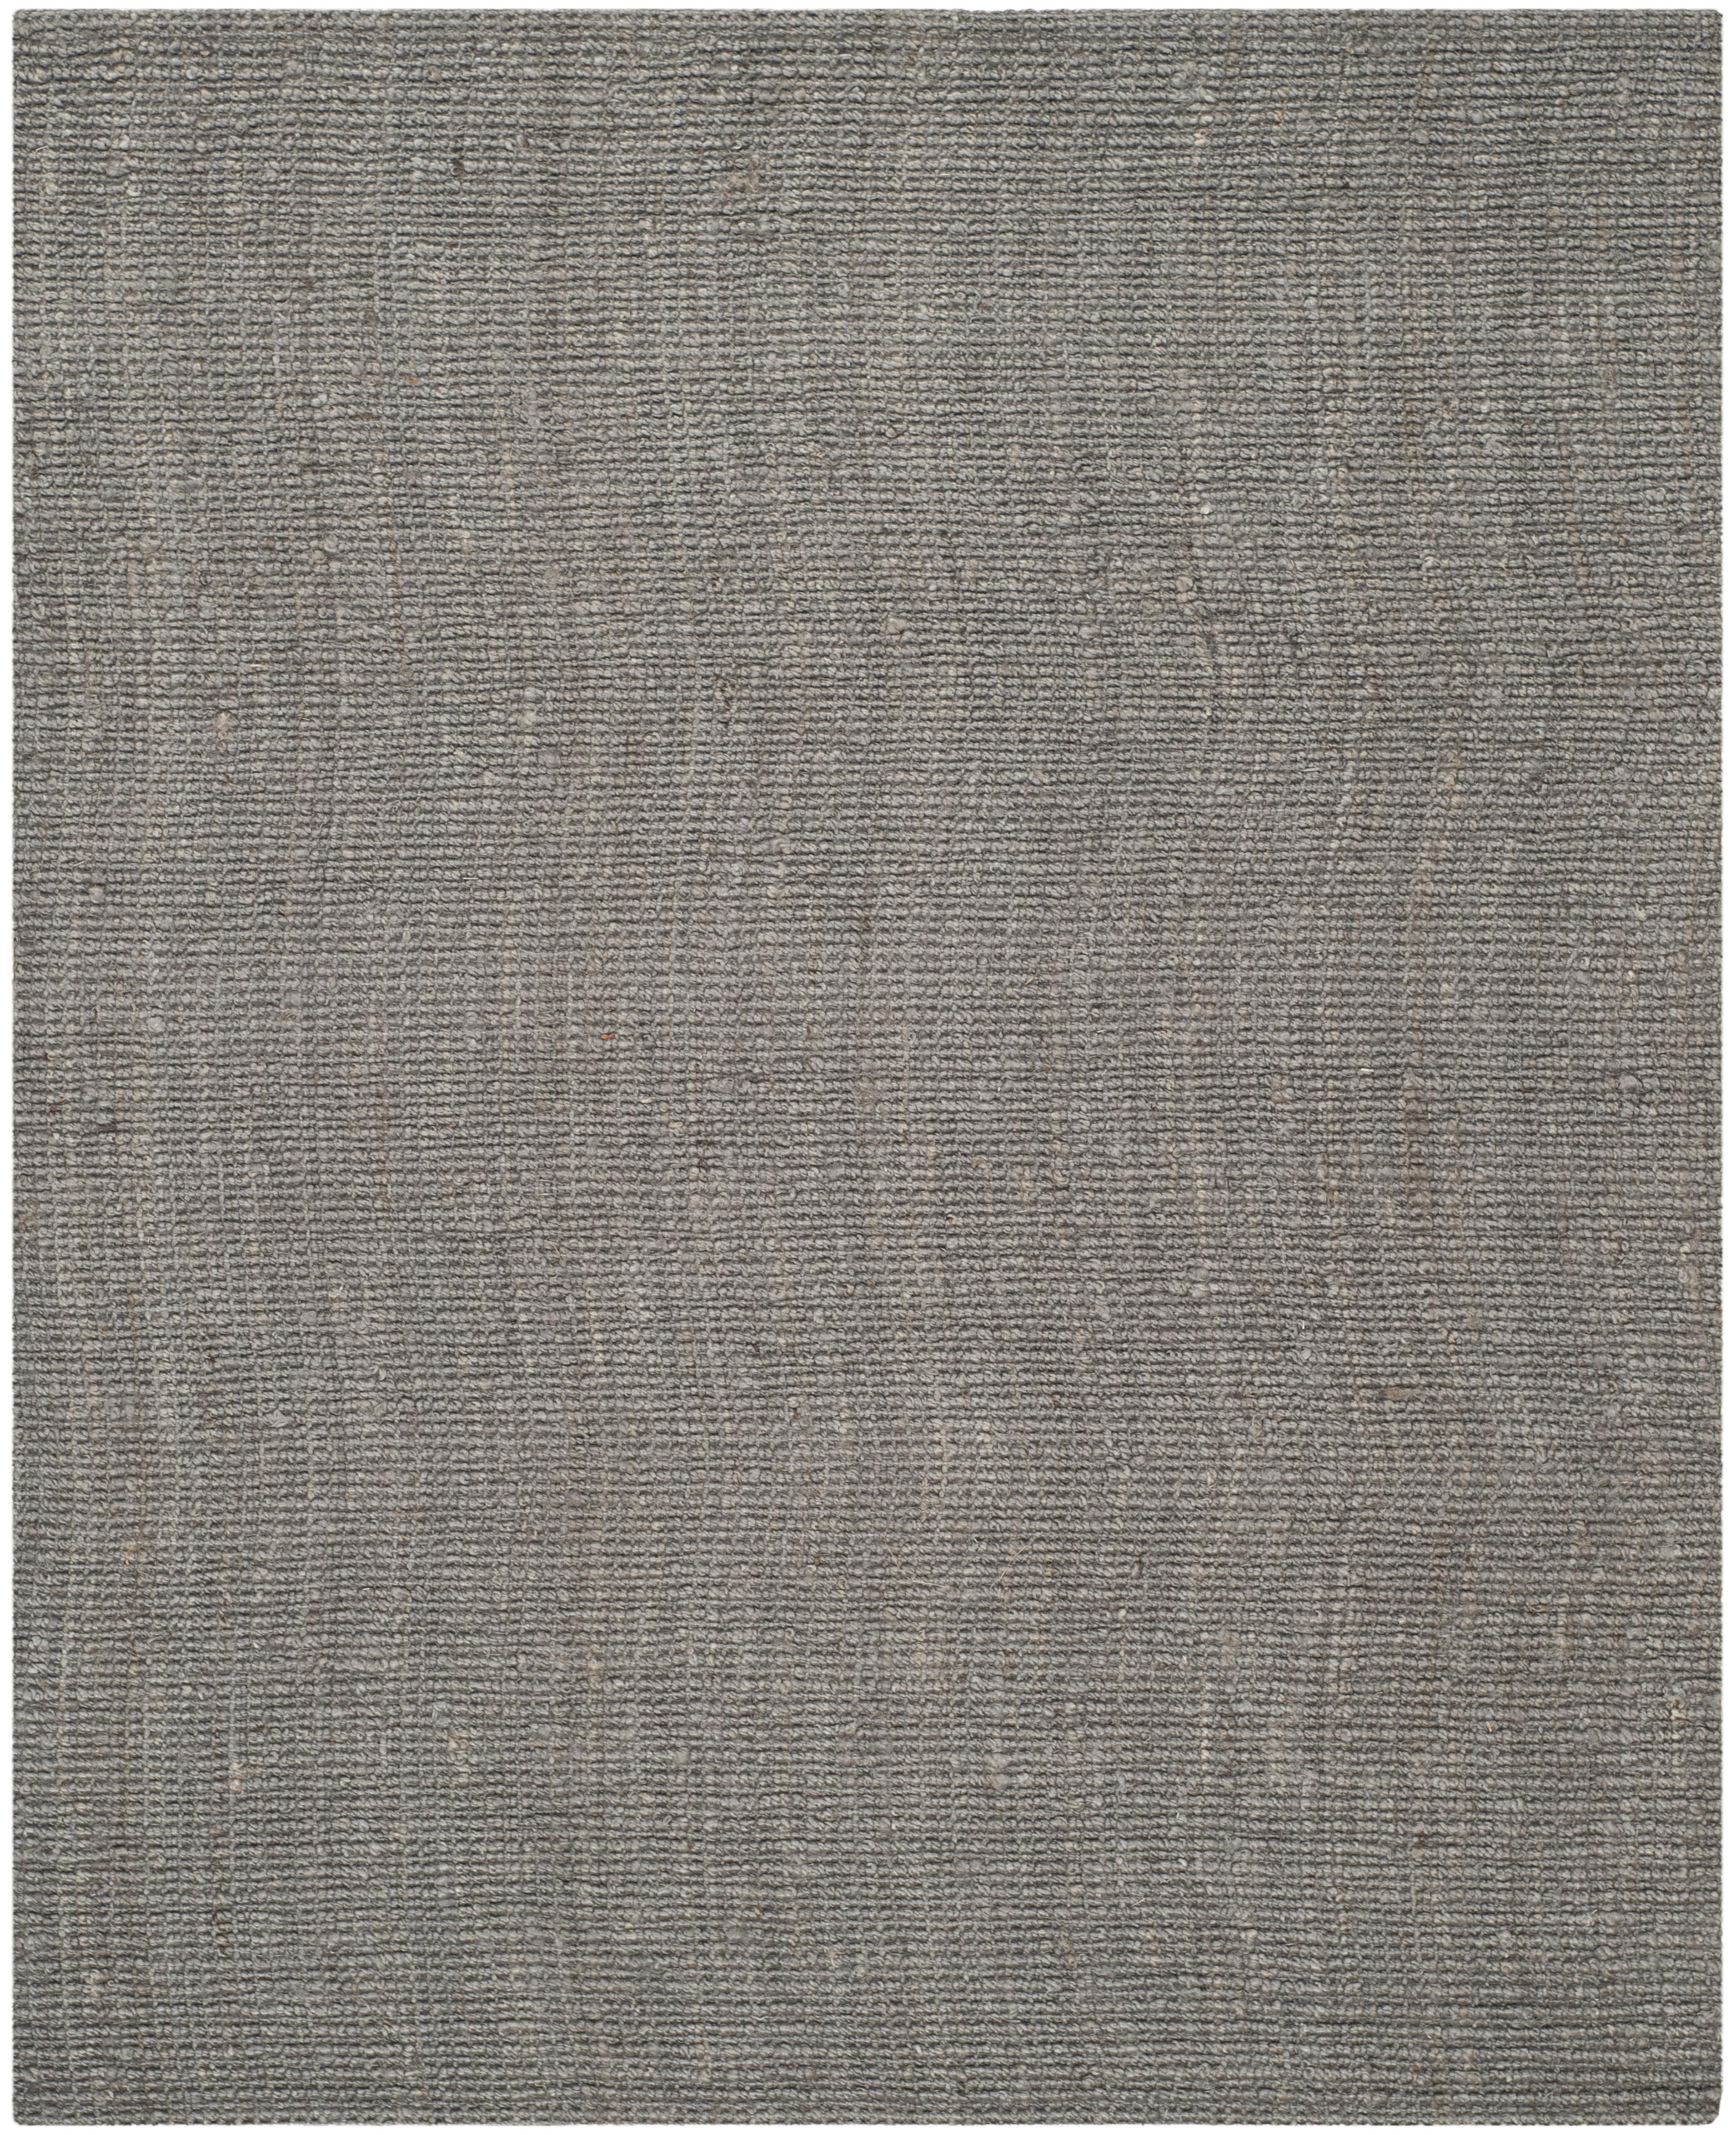 Danford 447 4' X 6' Gray Jute Rug